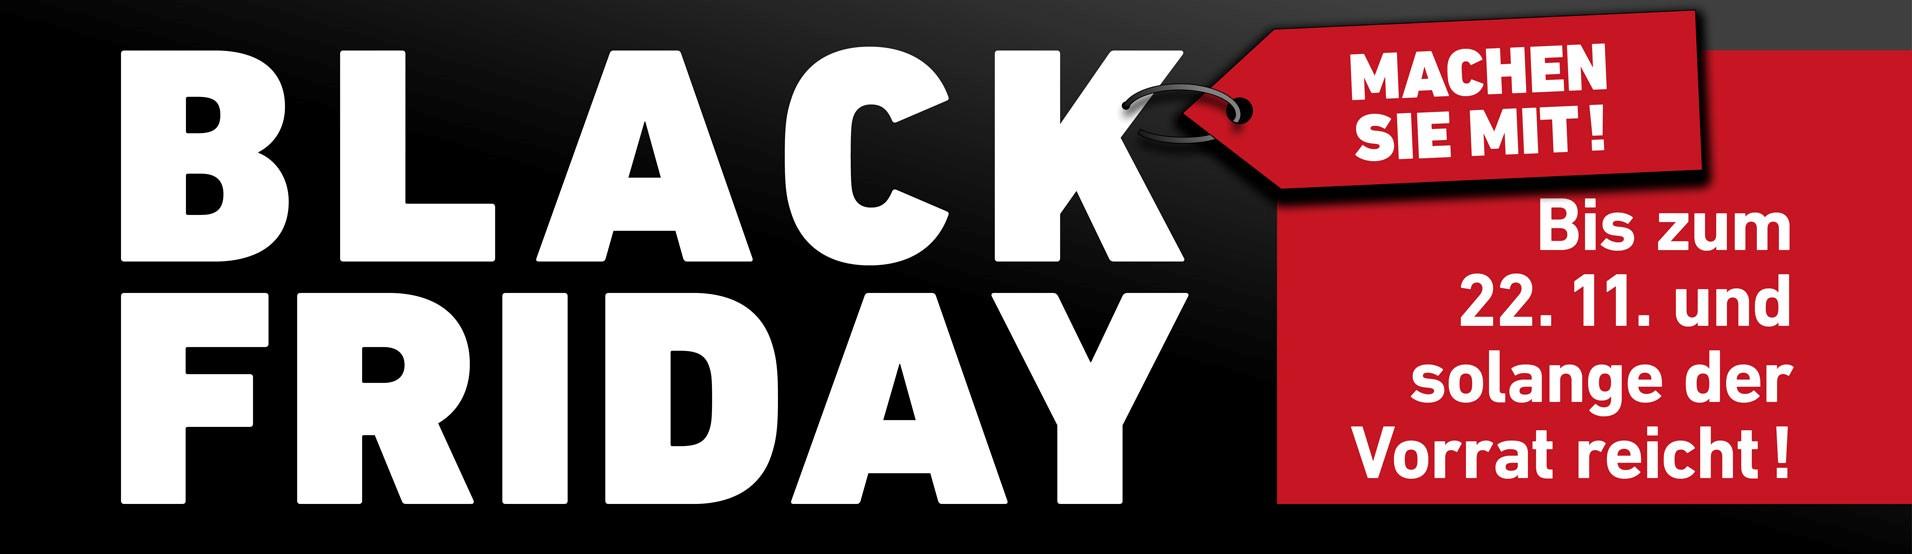 K1 Electronic - Black Friday